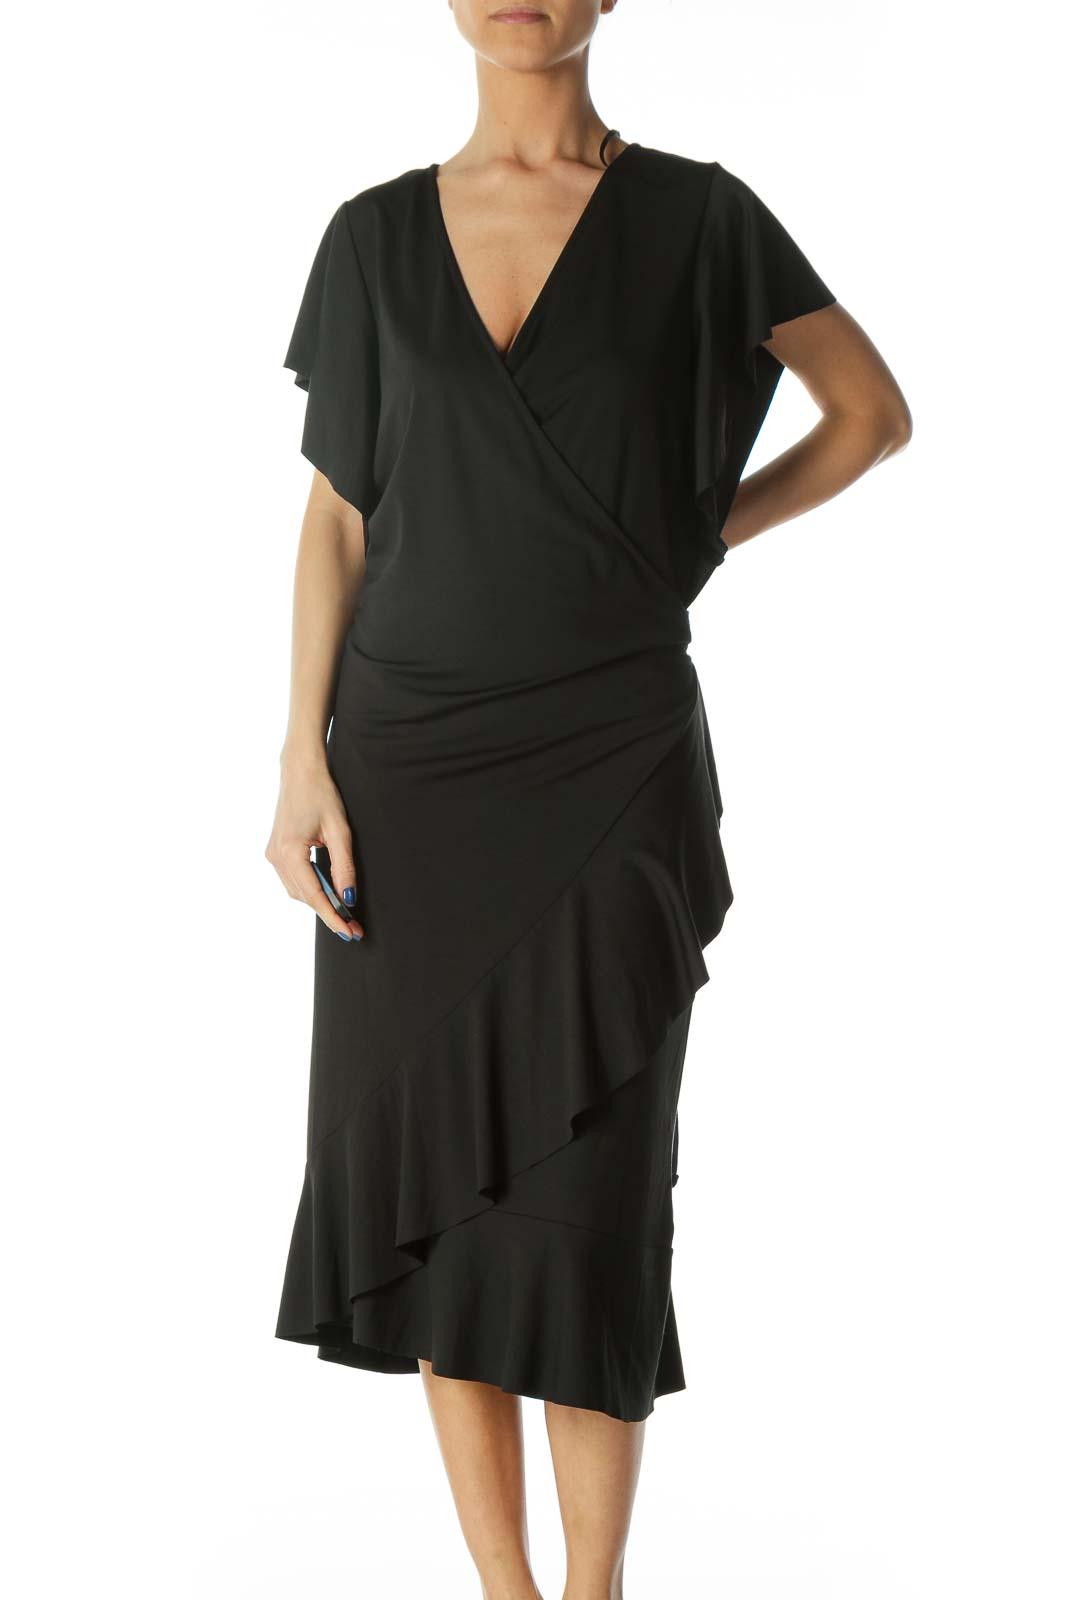 Black V-Neck Flare Details Light Wrap Dress